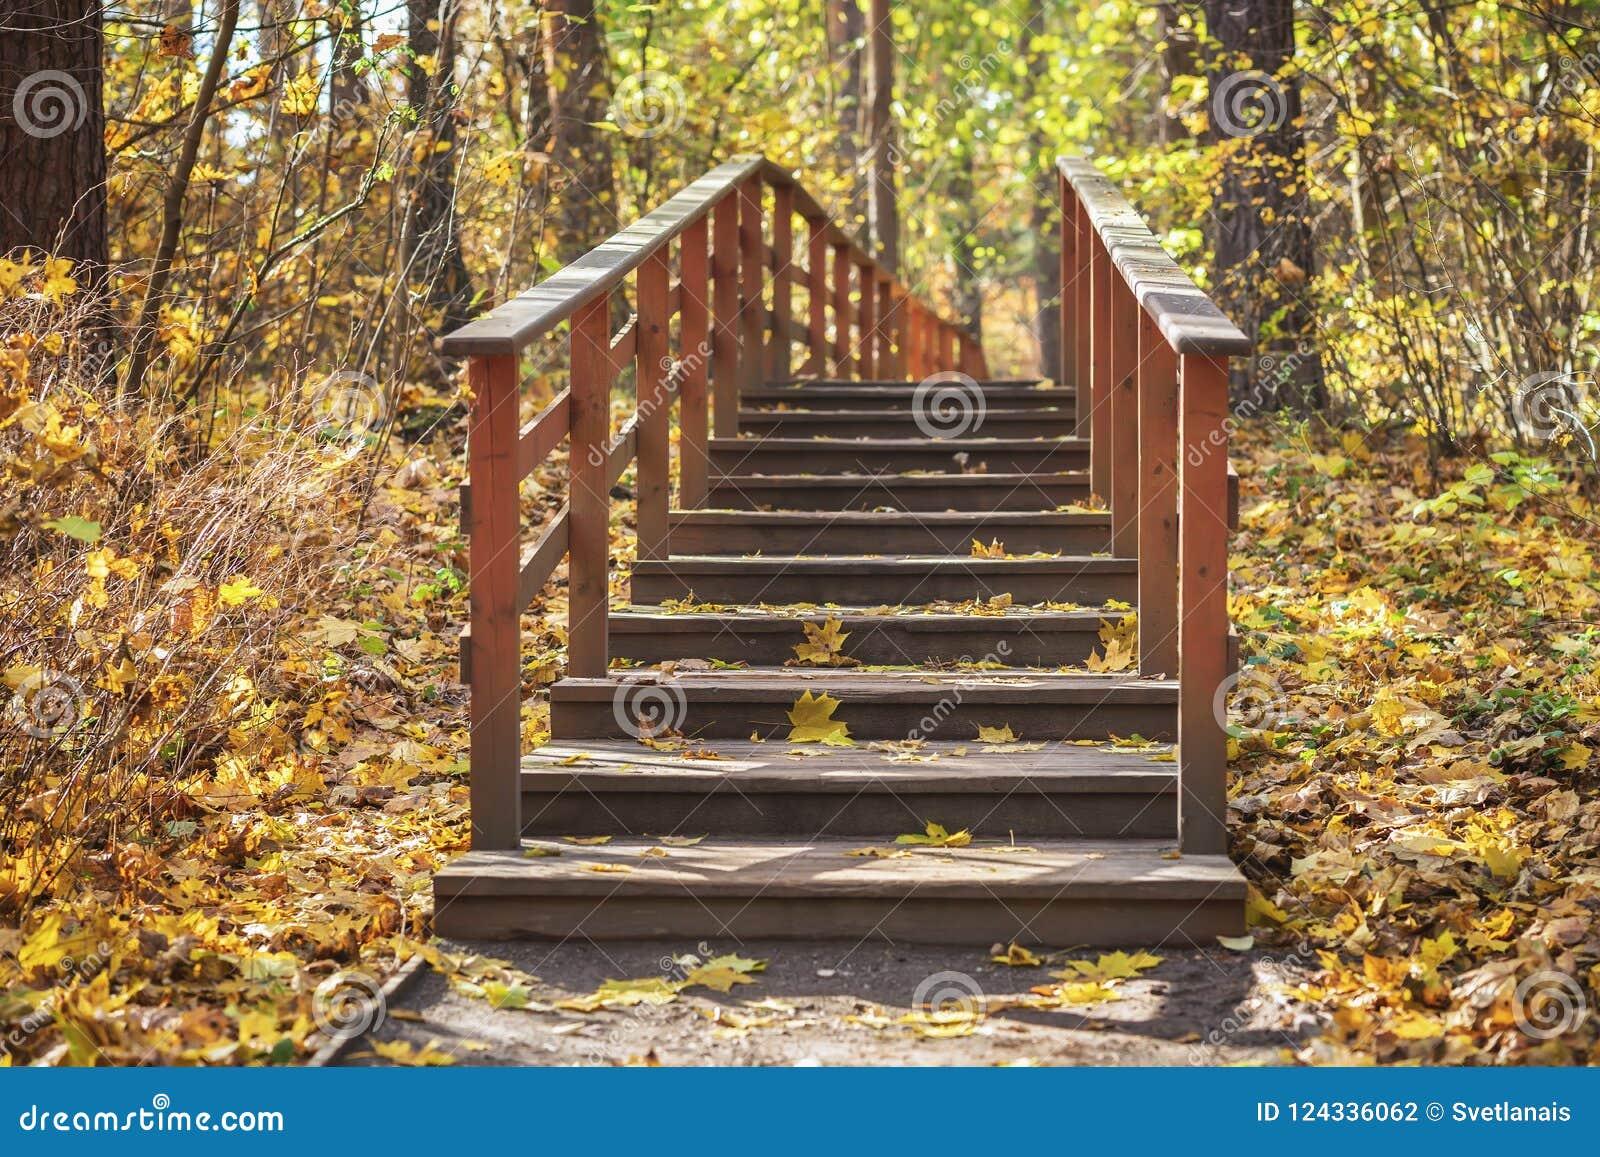 Banco de madeira velho só no parque vazio do outono sob as folhas, estações da floresta da queda, conceito nostálgico do humor